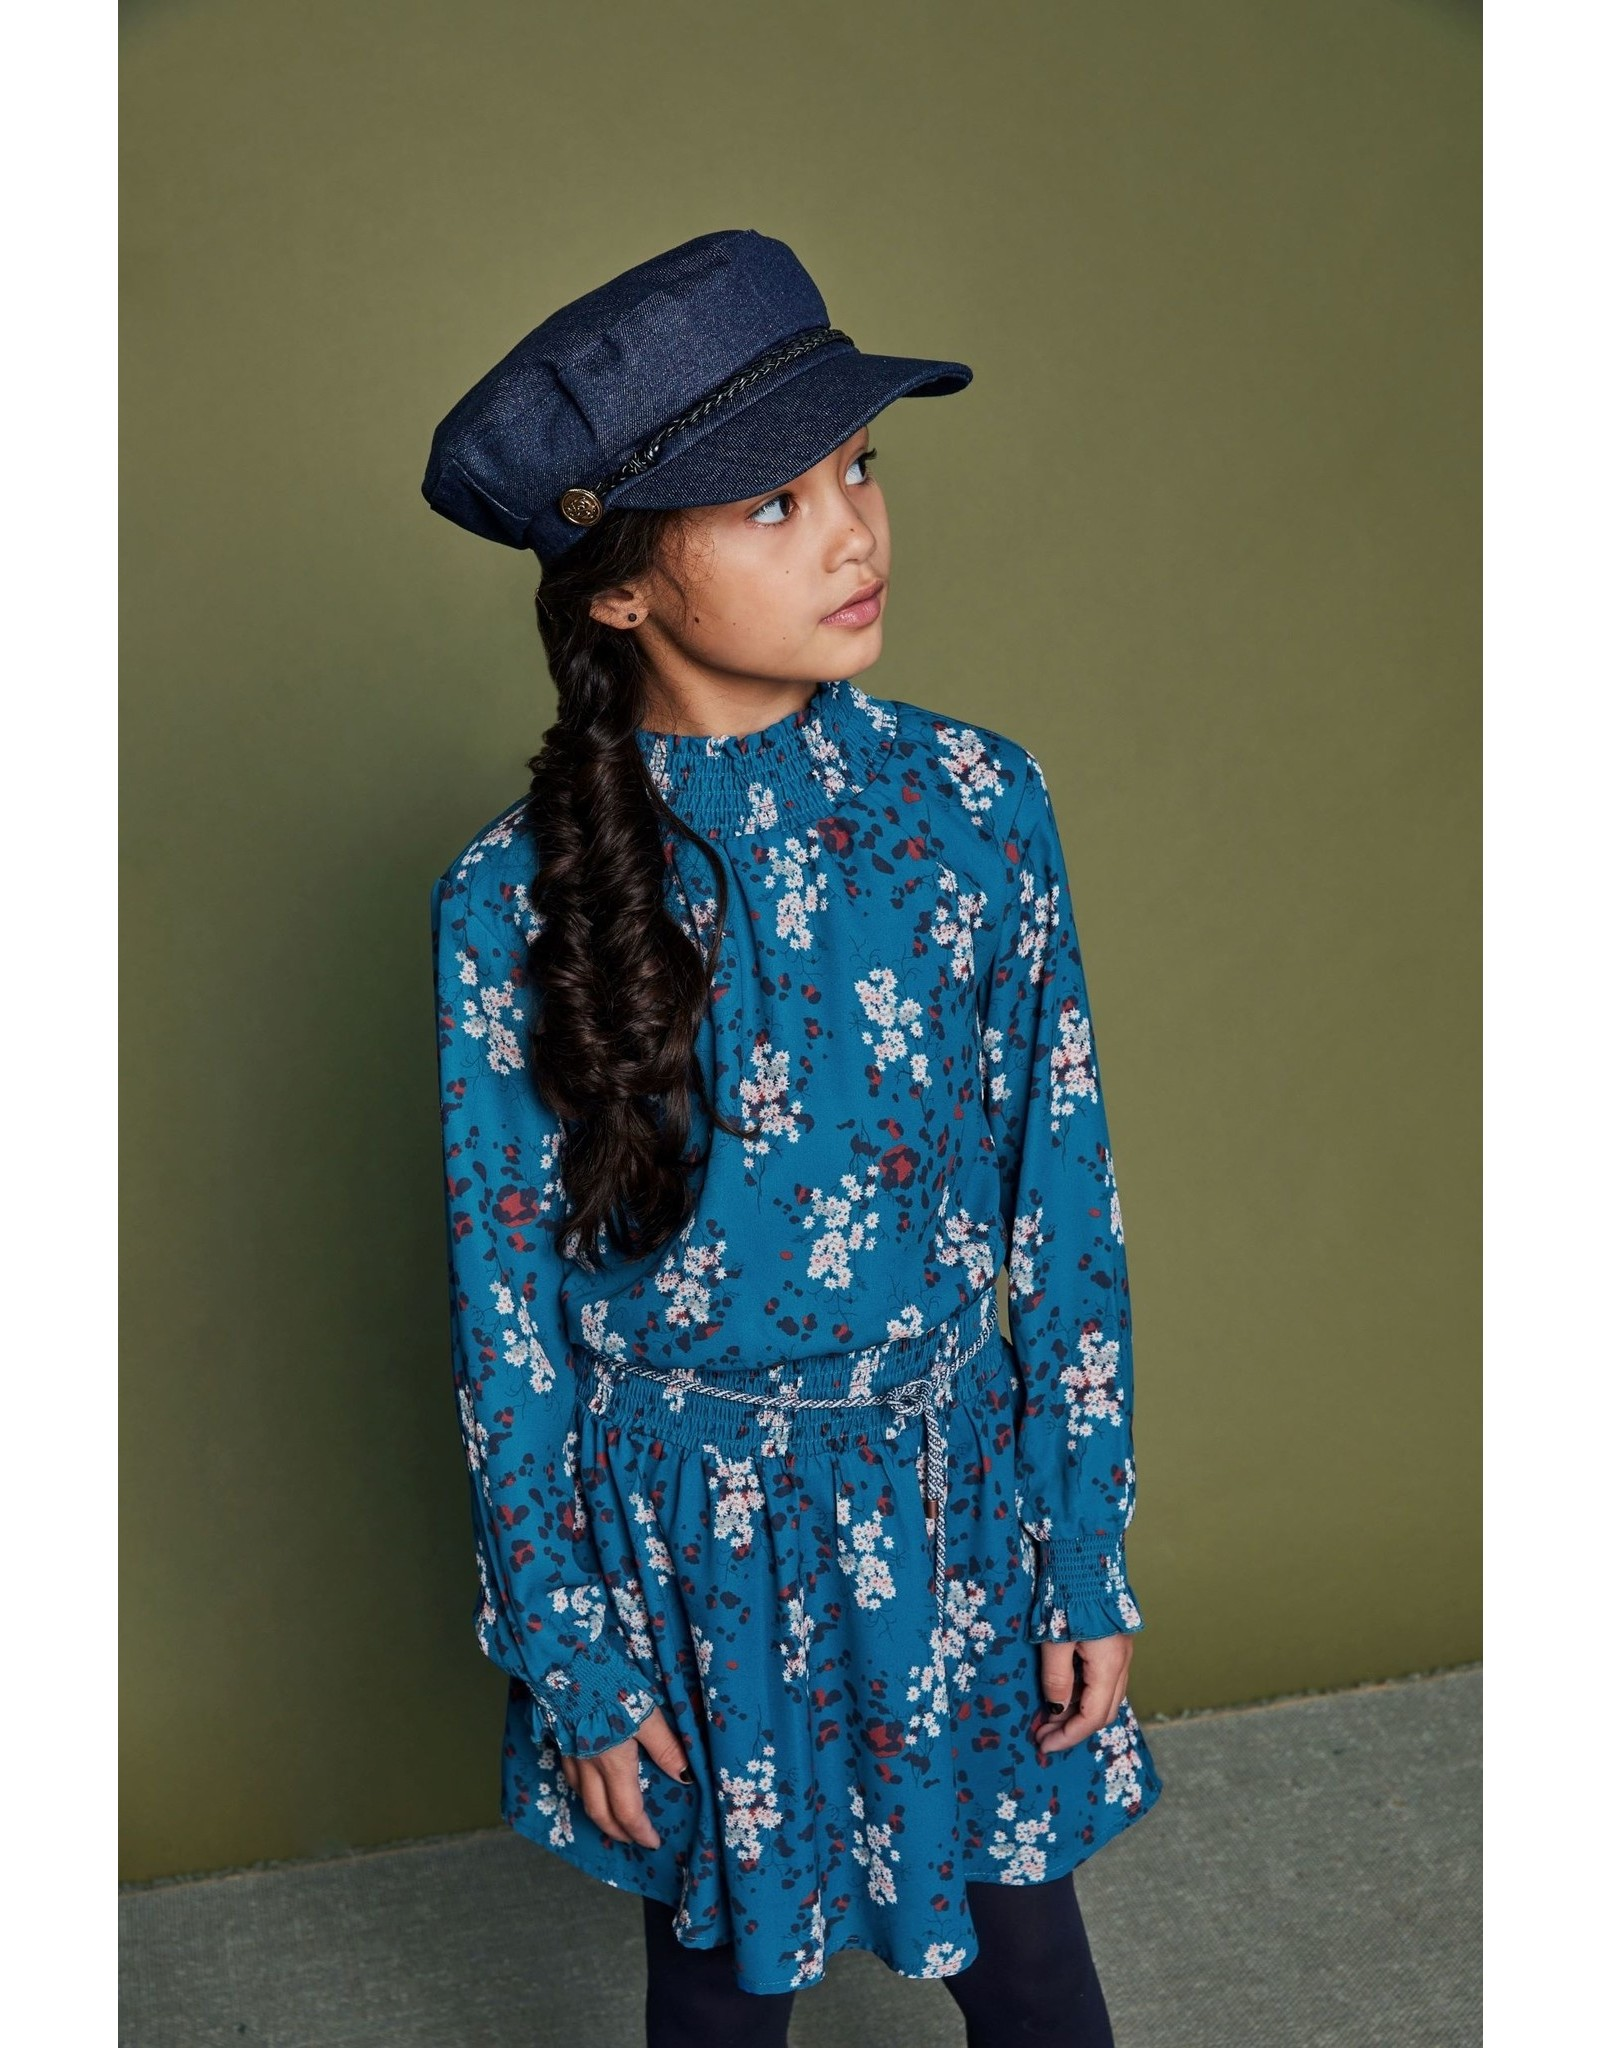 Nono NONO jurk 5804 swedish blue